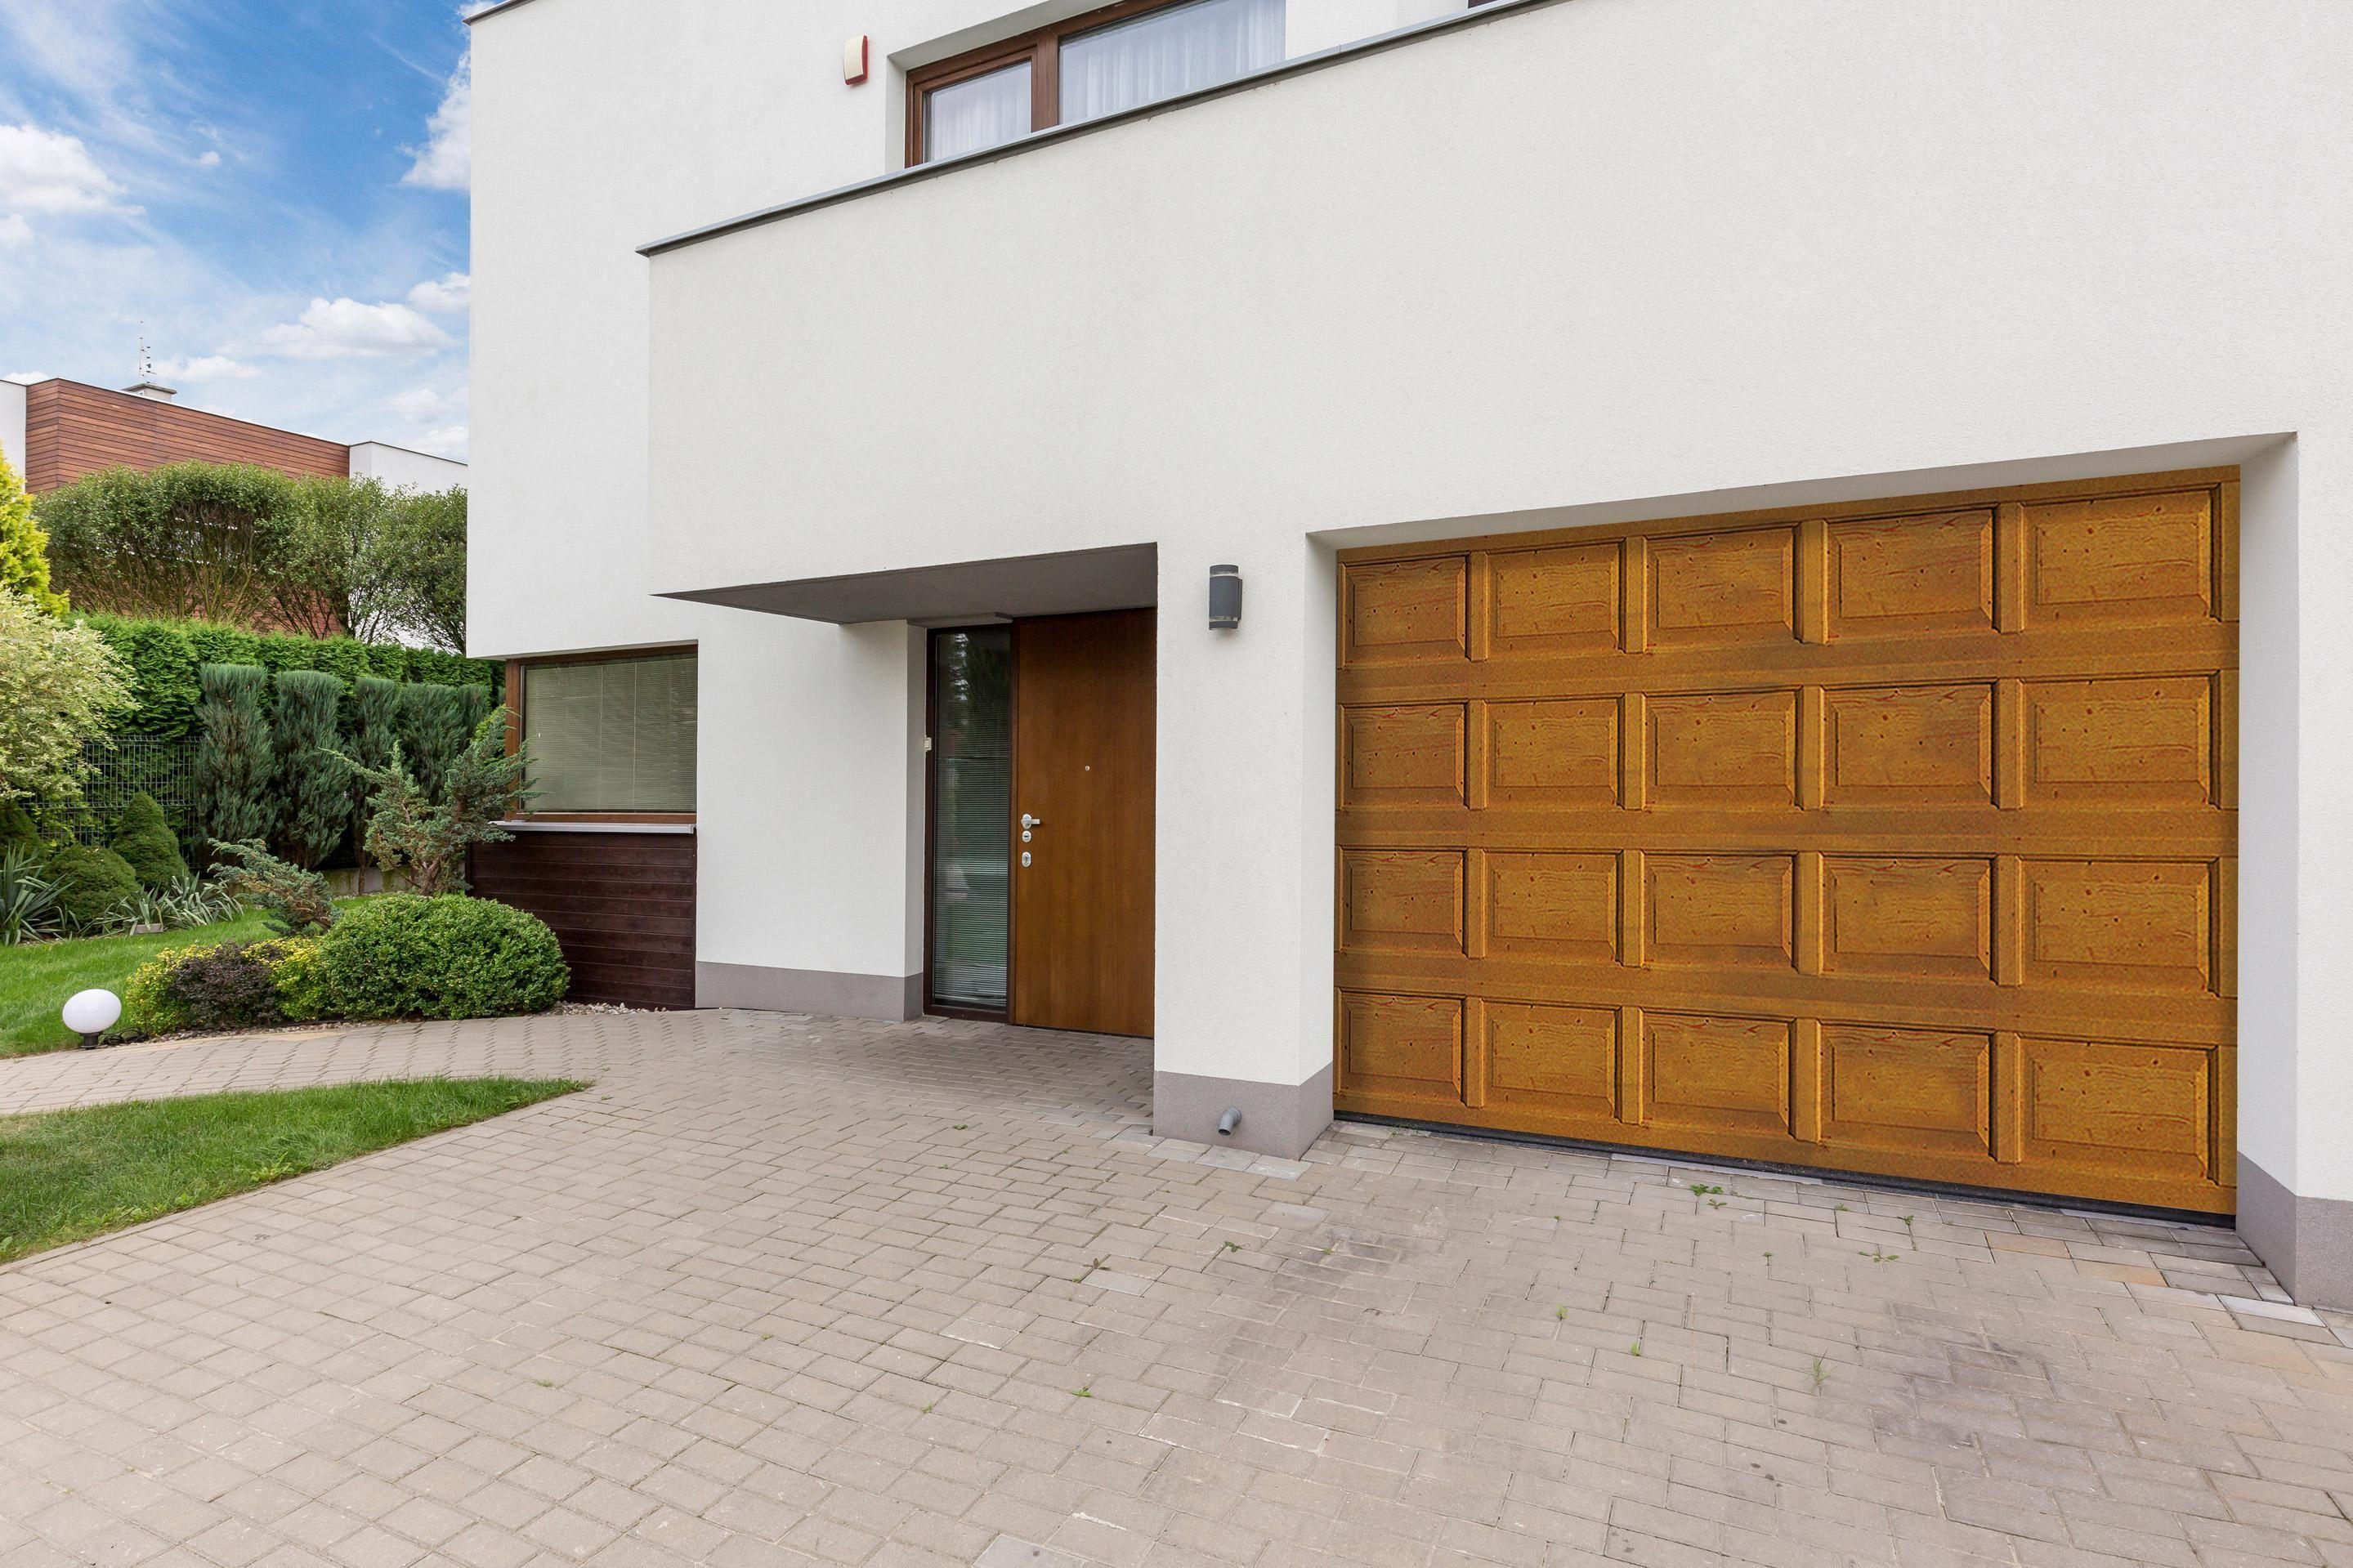 Artens Premium Motorized Sectional Garage Door H 200 In 2020 Sectional Garage Doors Garage Doors Doors